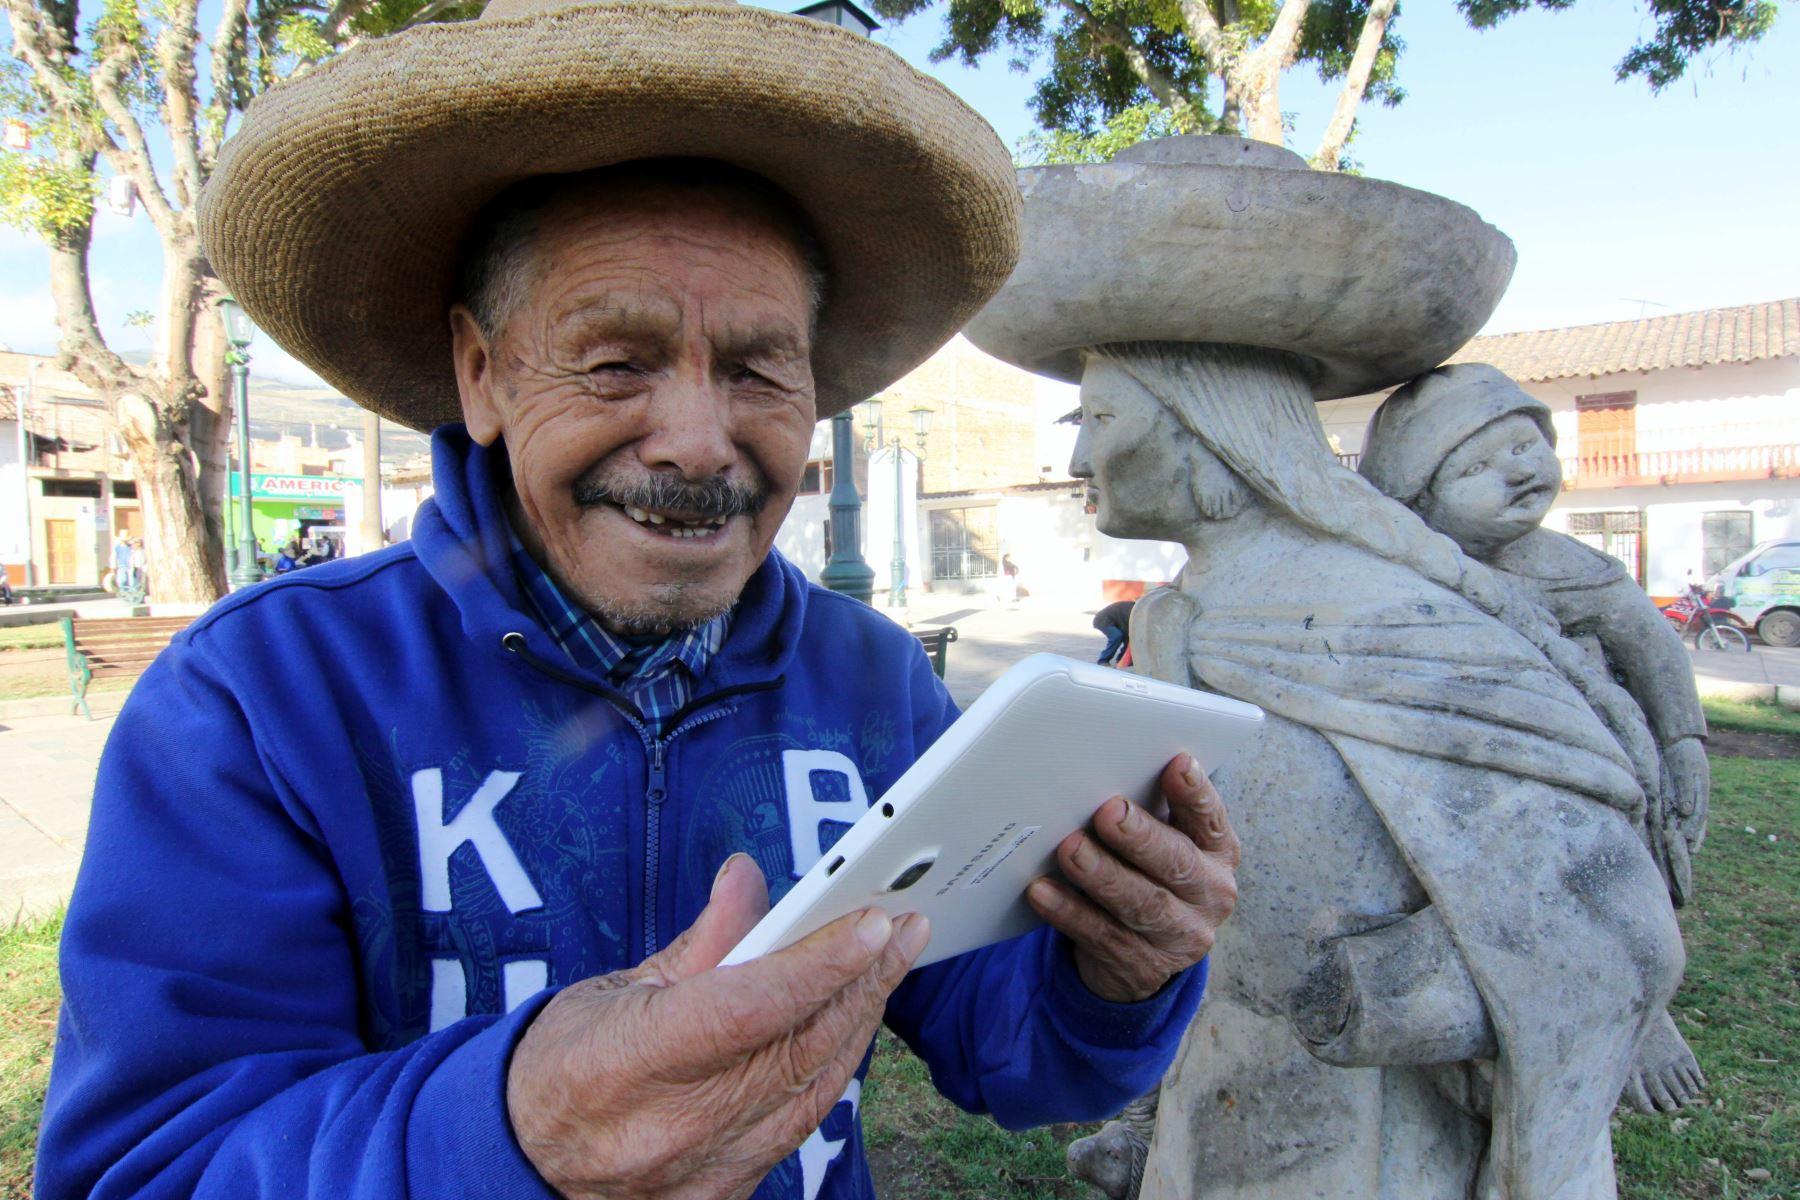 Sin el apoyo de profesores o supervisores, adultos mayores de Cajamarca aprenden a leer y escribir con la aplicación Dispurse Focus instalada en tabletas.